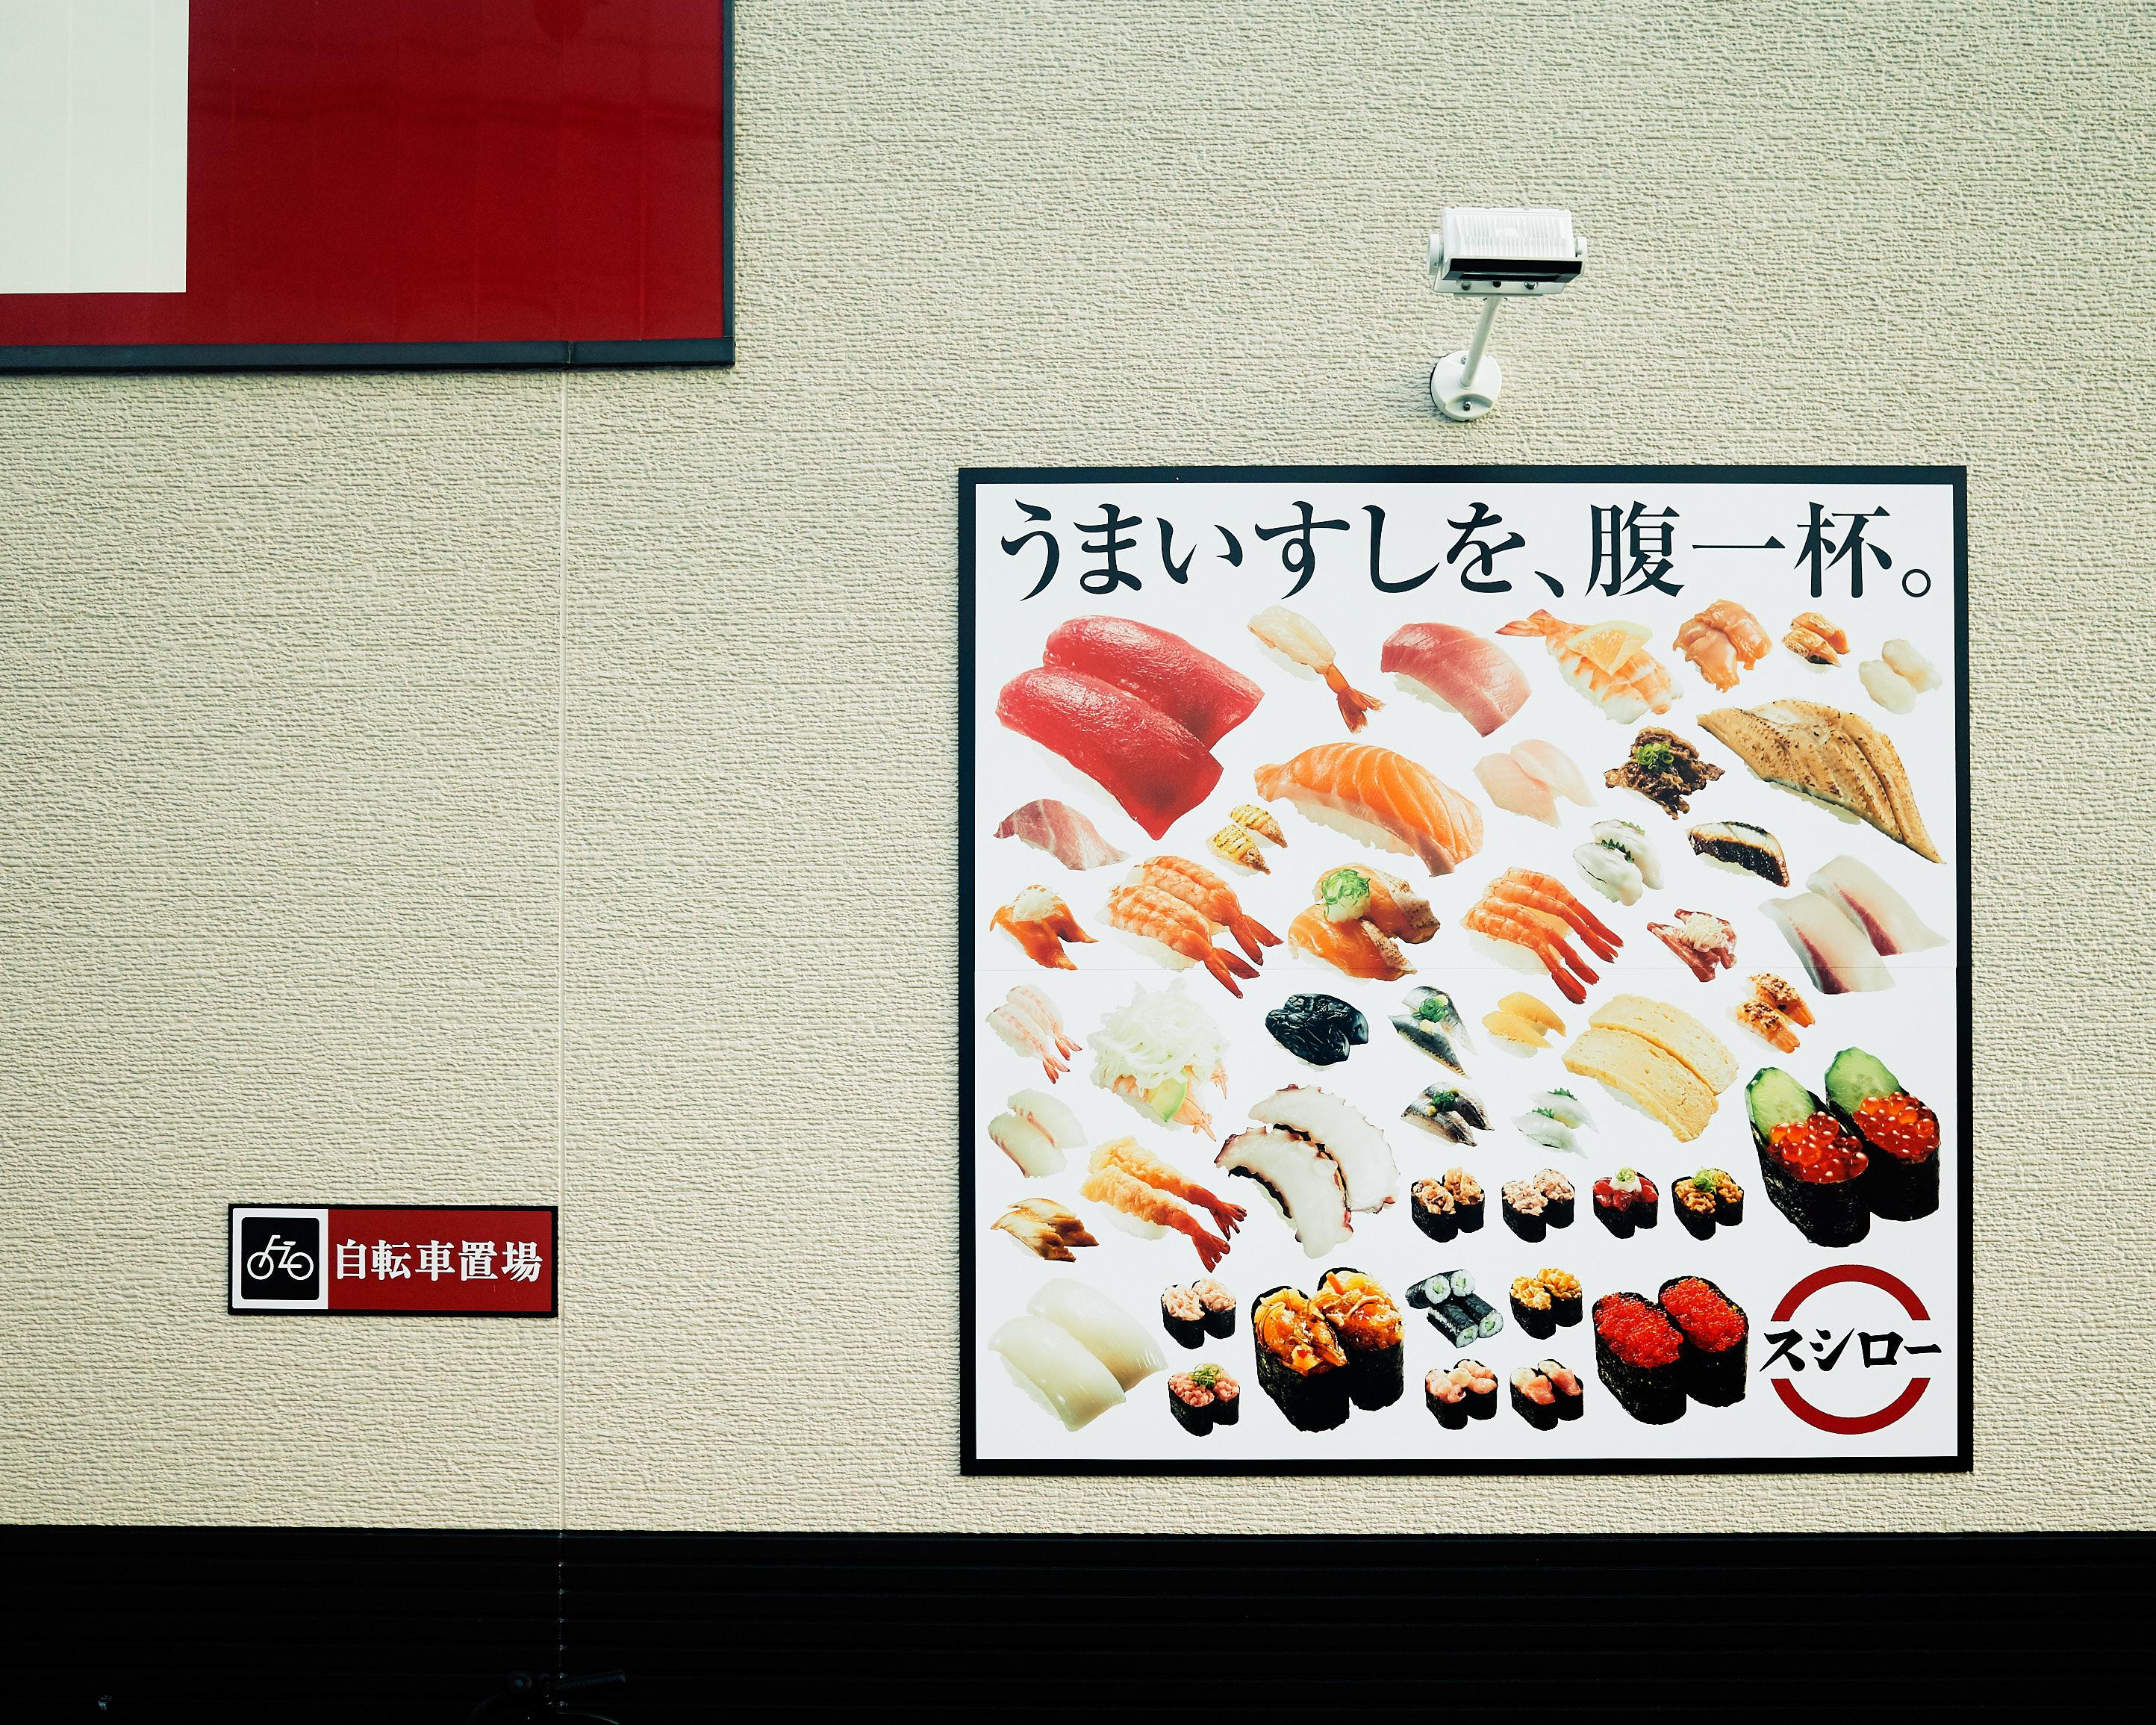 signage of sushiro sushi train